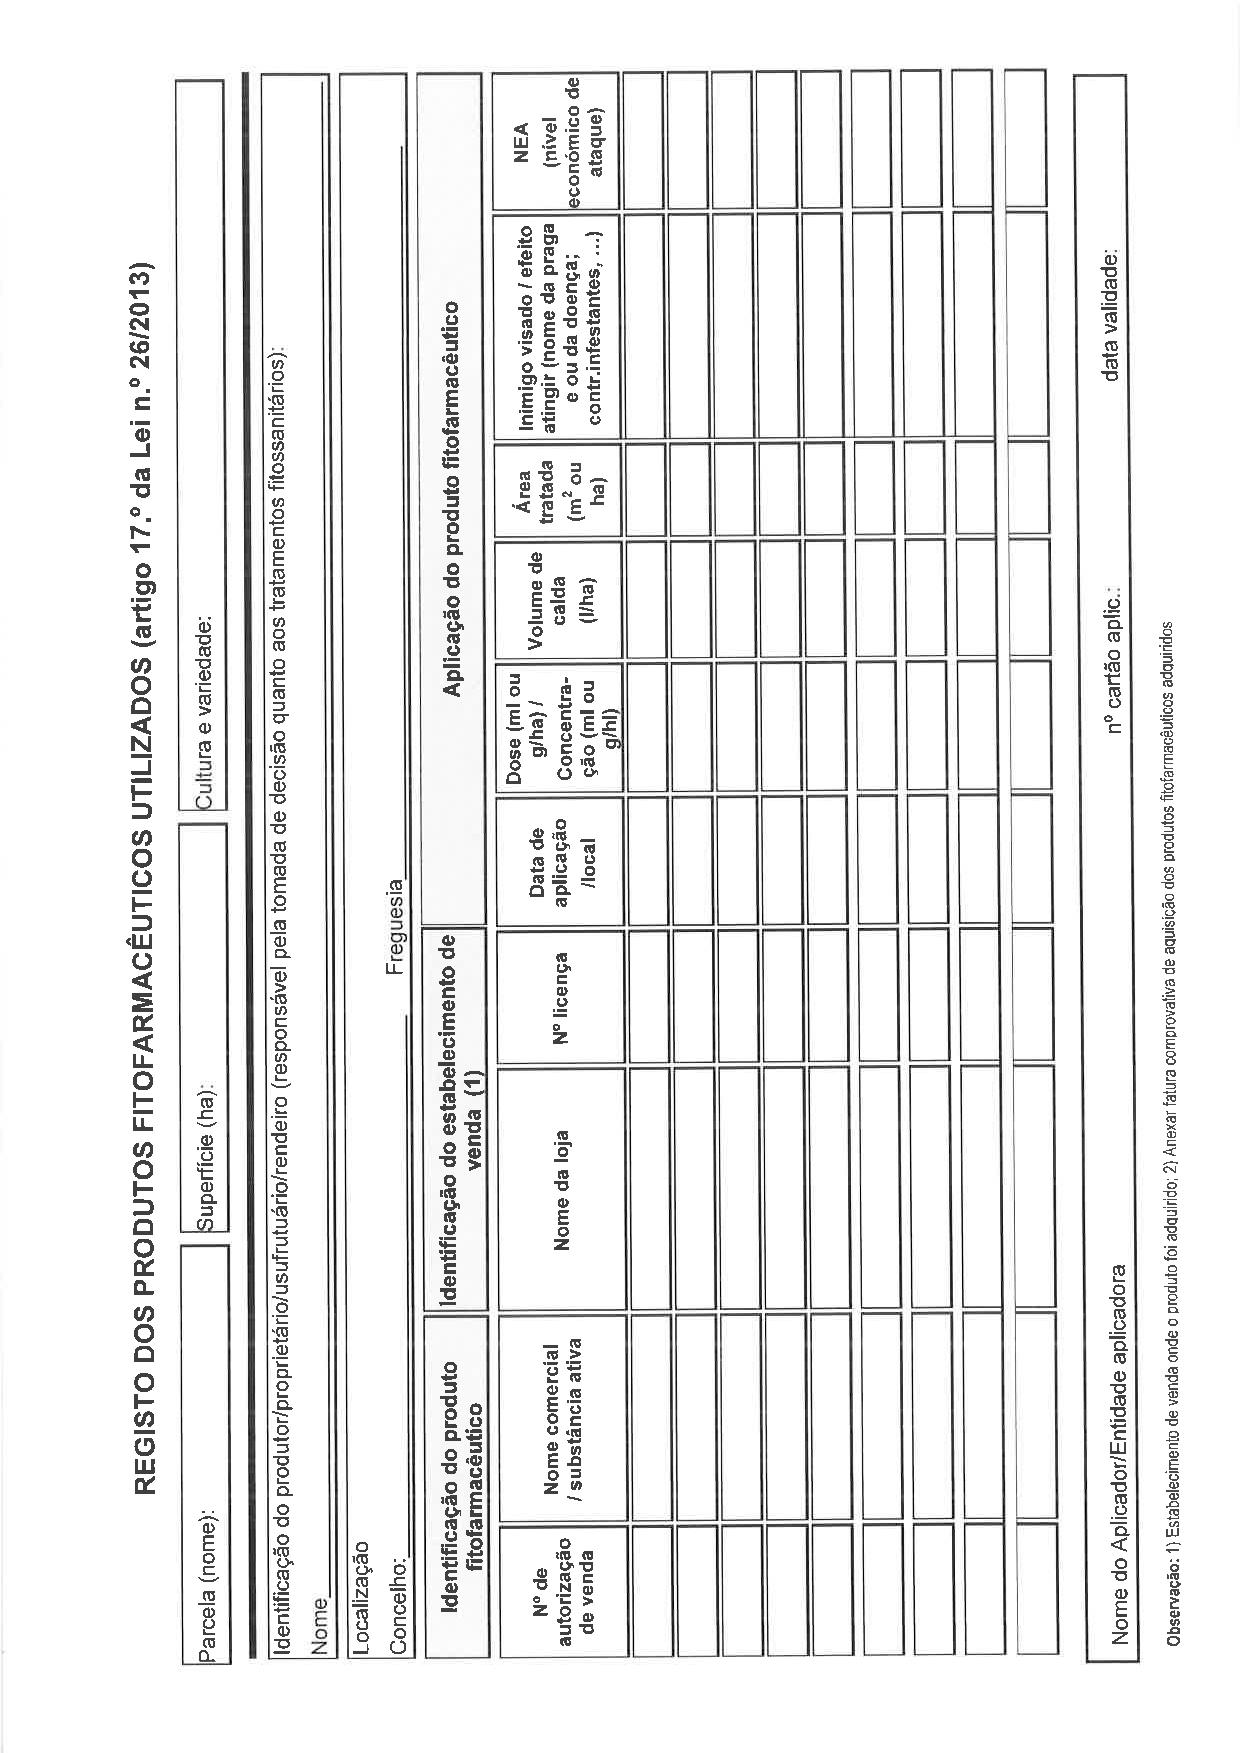 tratamentos-obrigatorios-contra-a-cigarrinha-da-flavescencia-dourada-da-videira-page-004